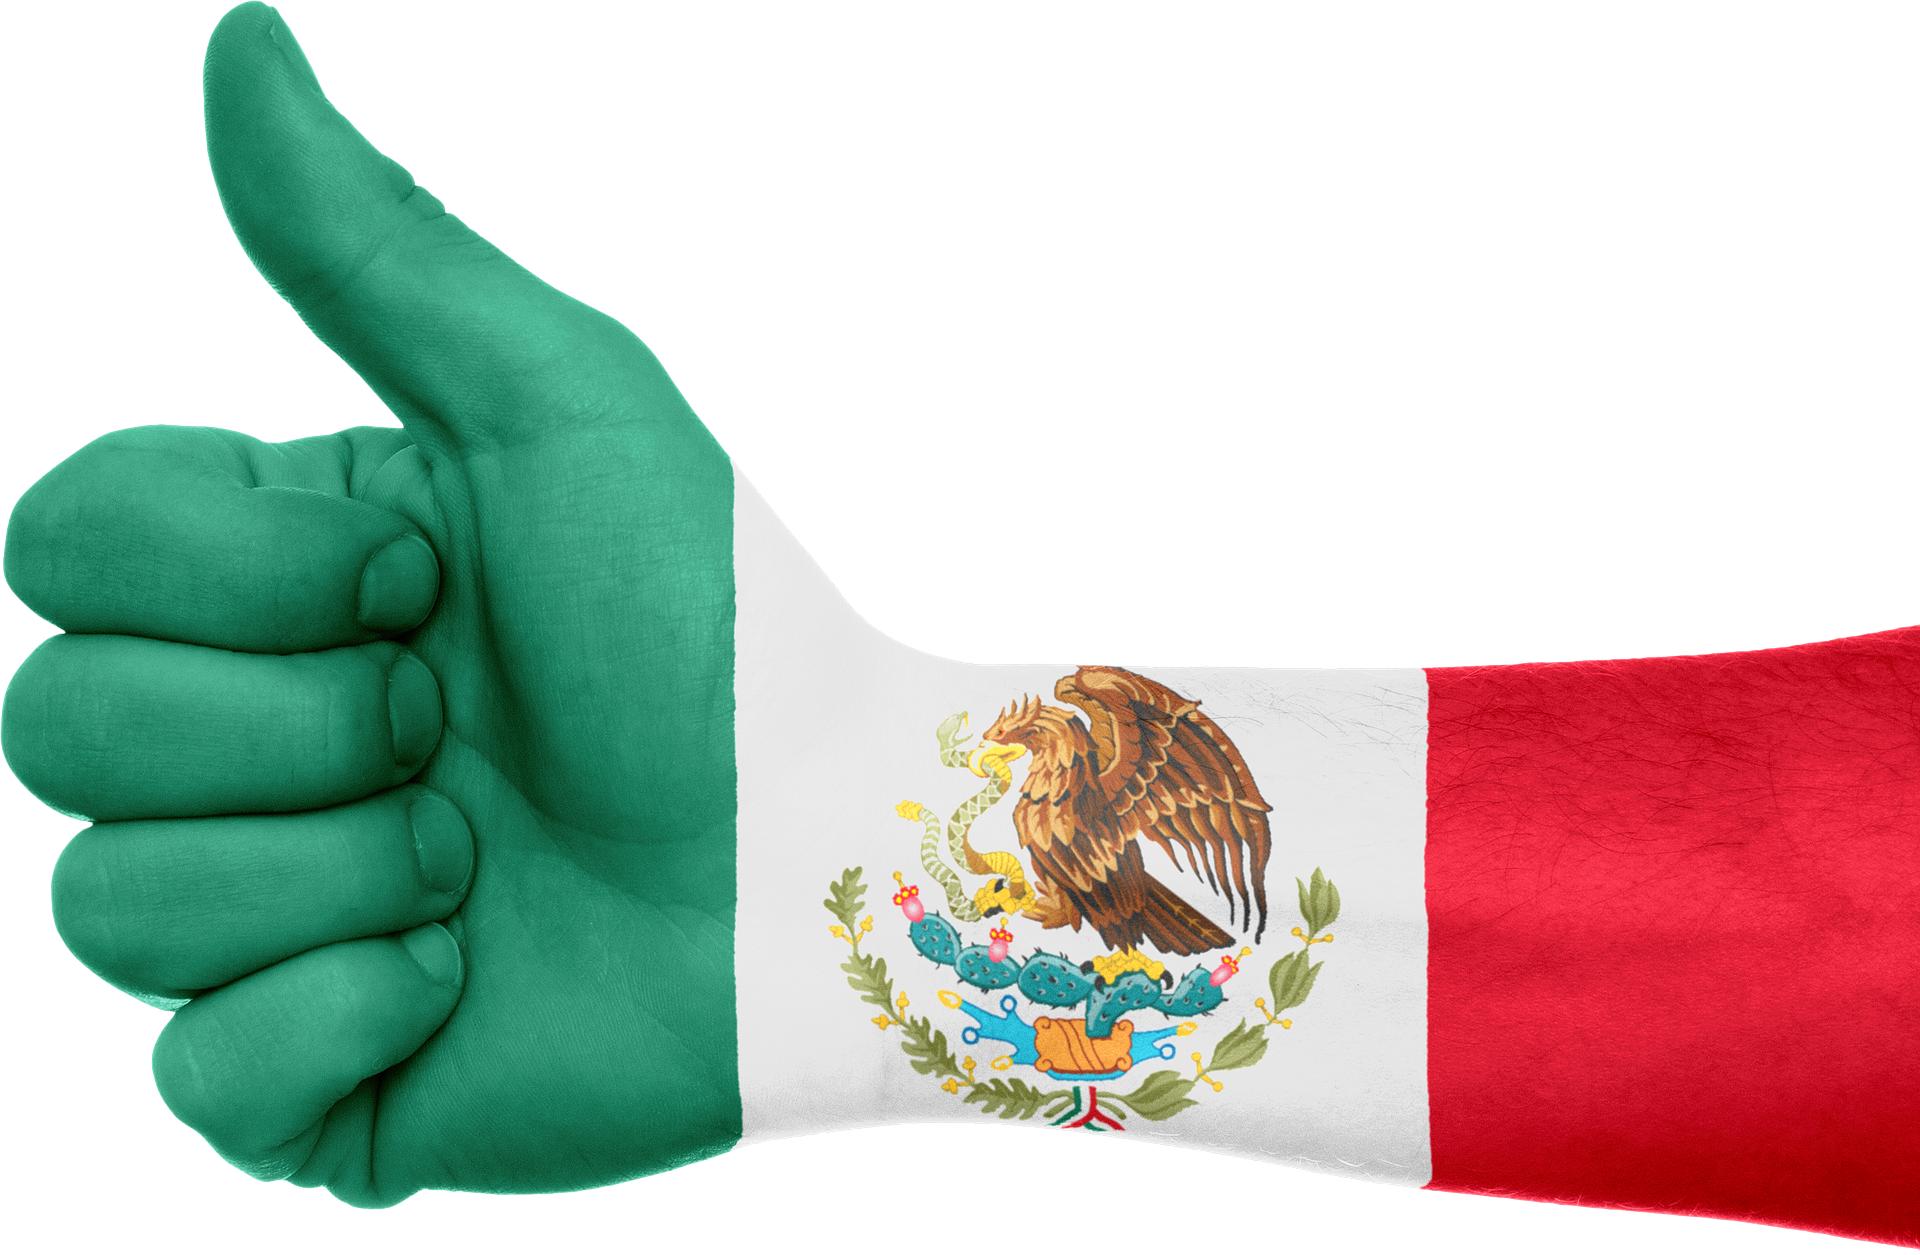 MEXIKO - MEXIKO - MEXIKO